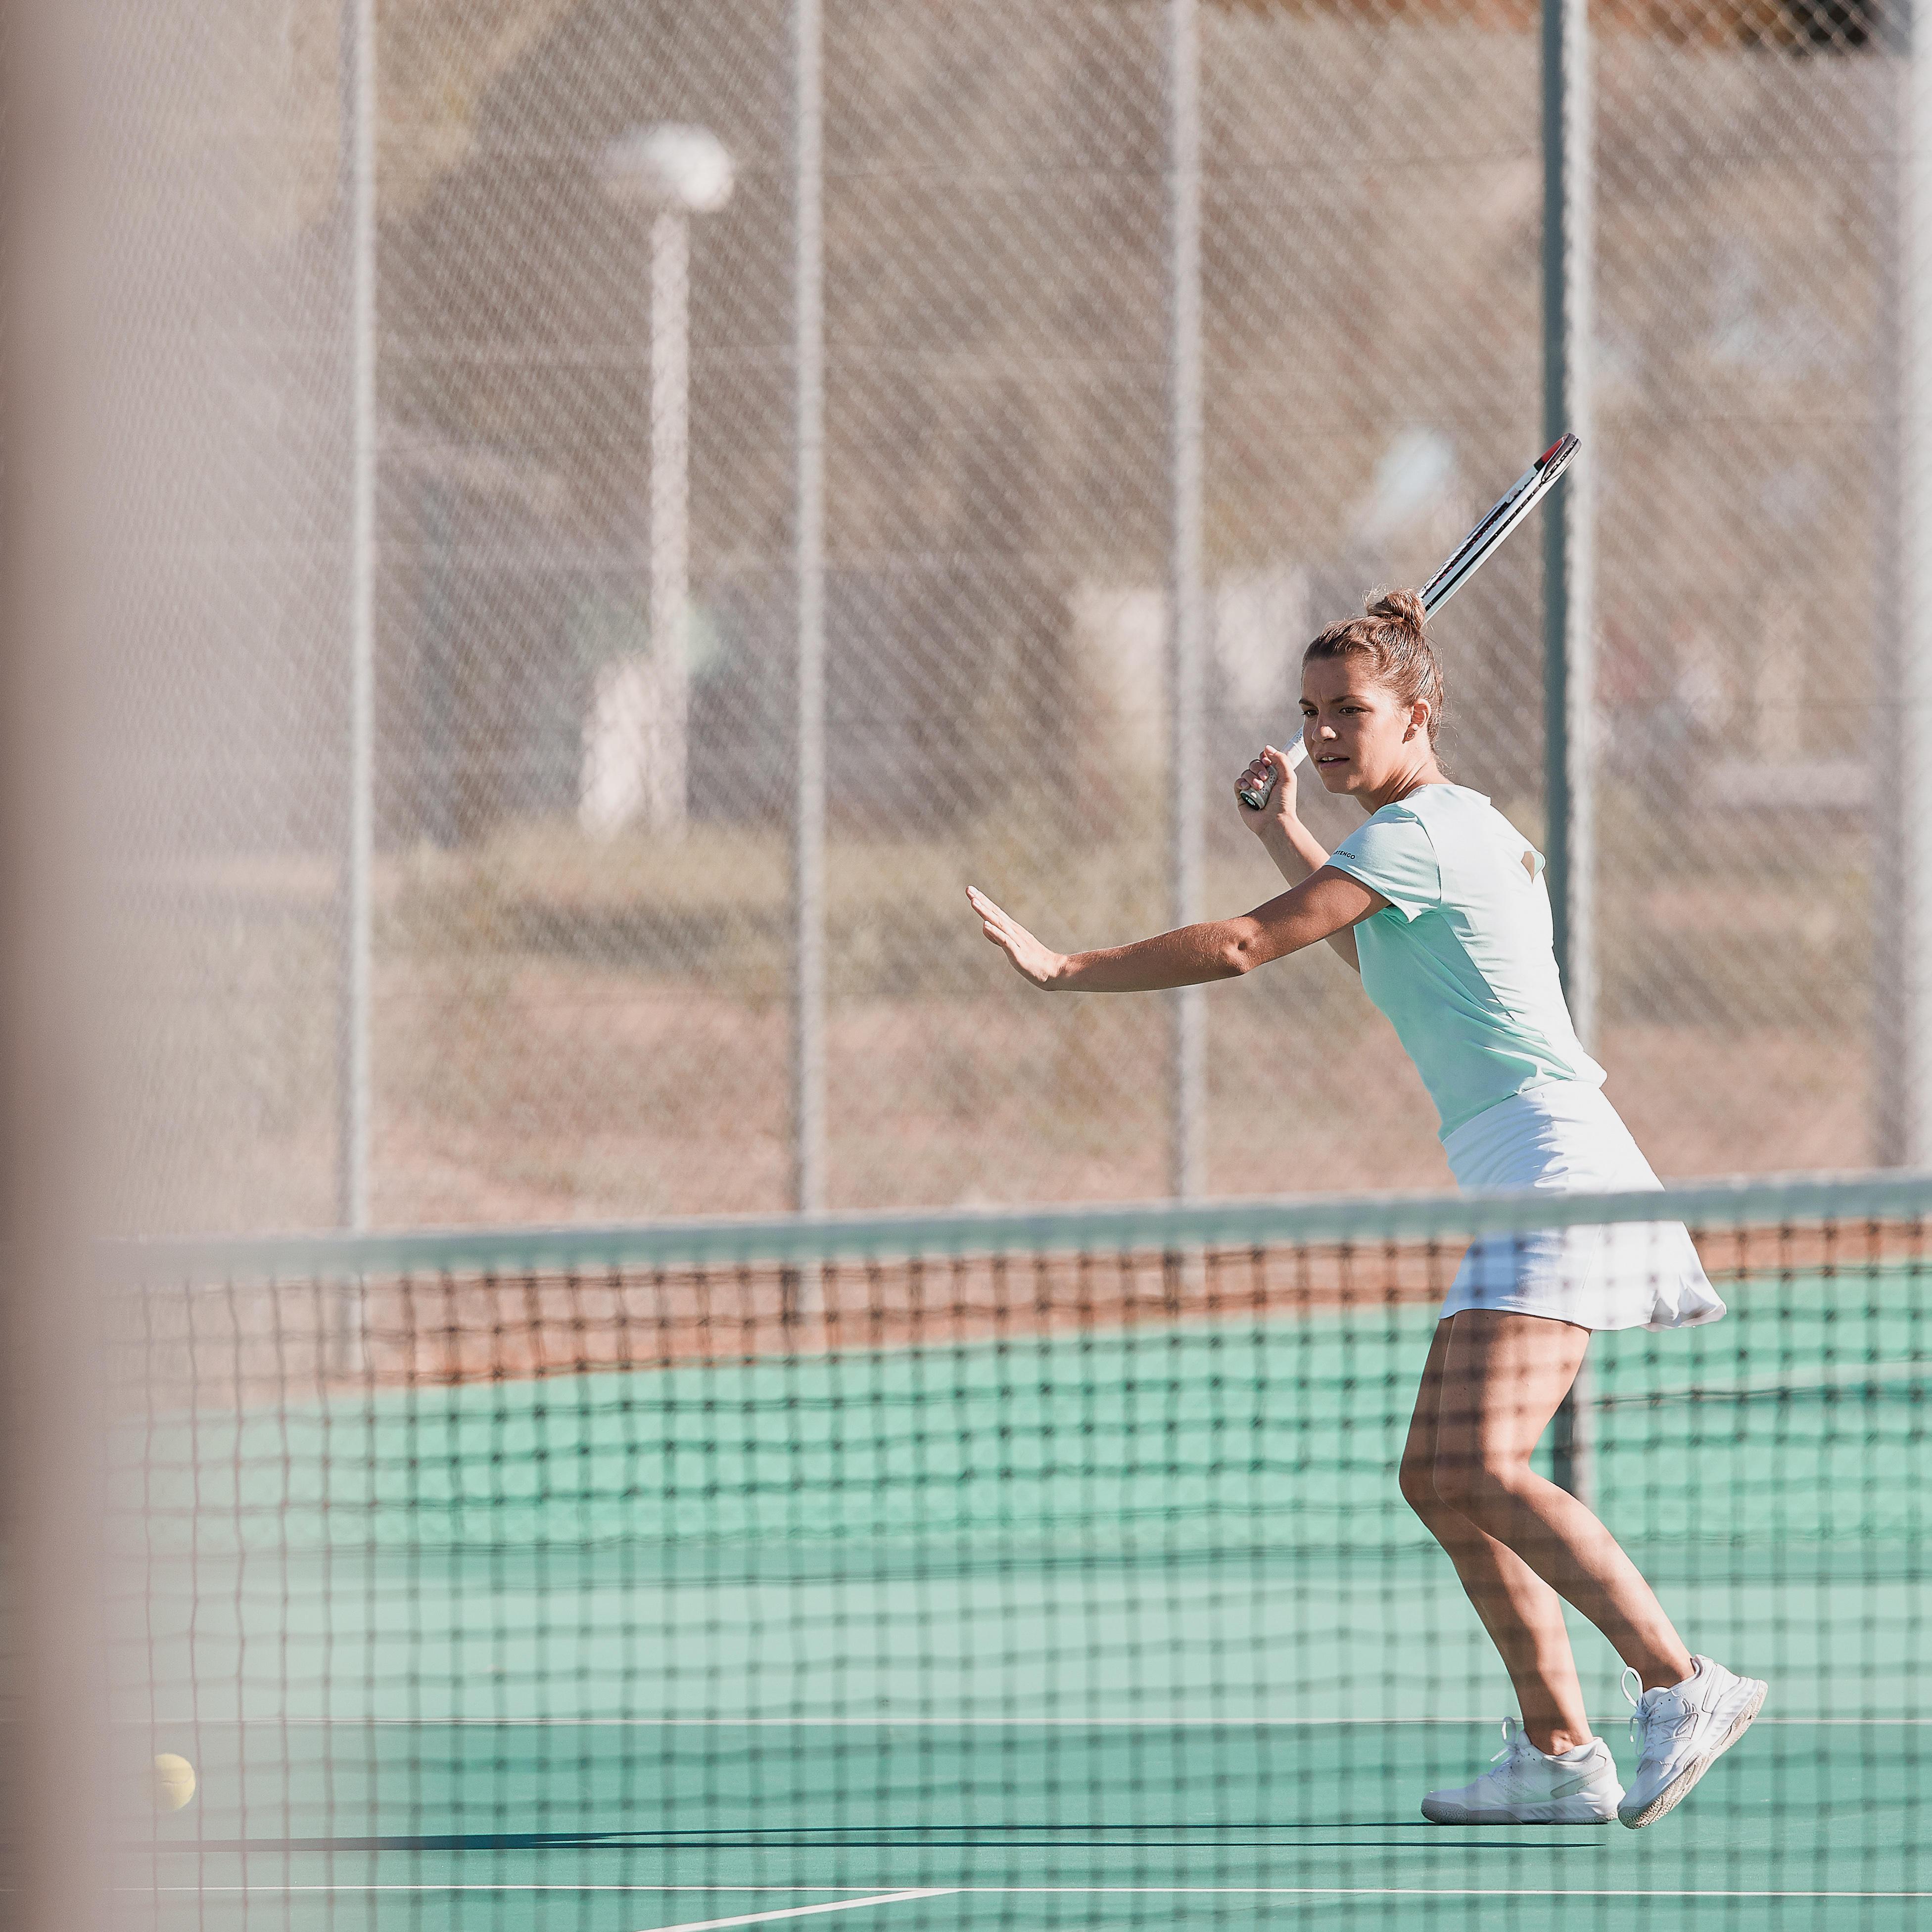 Conseil tennis